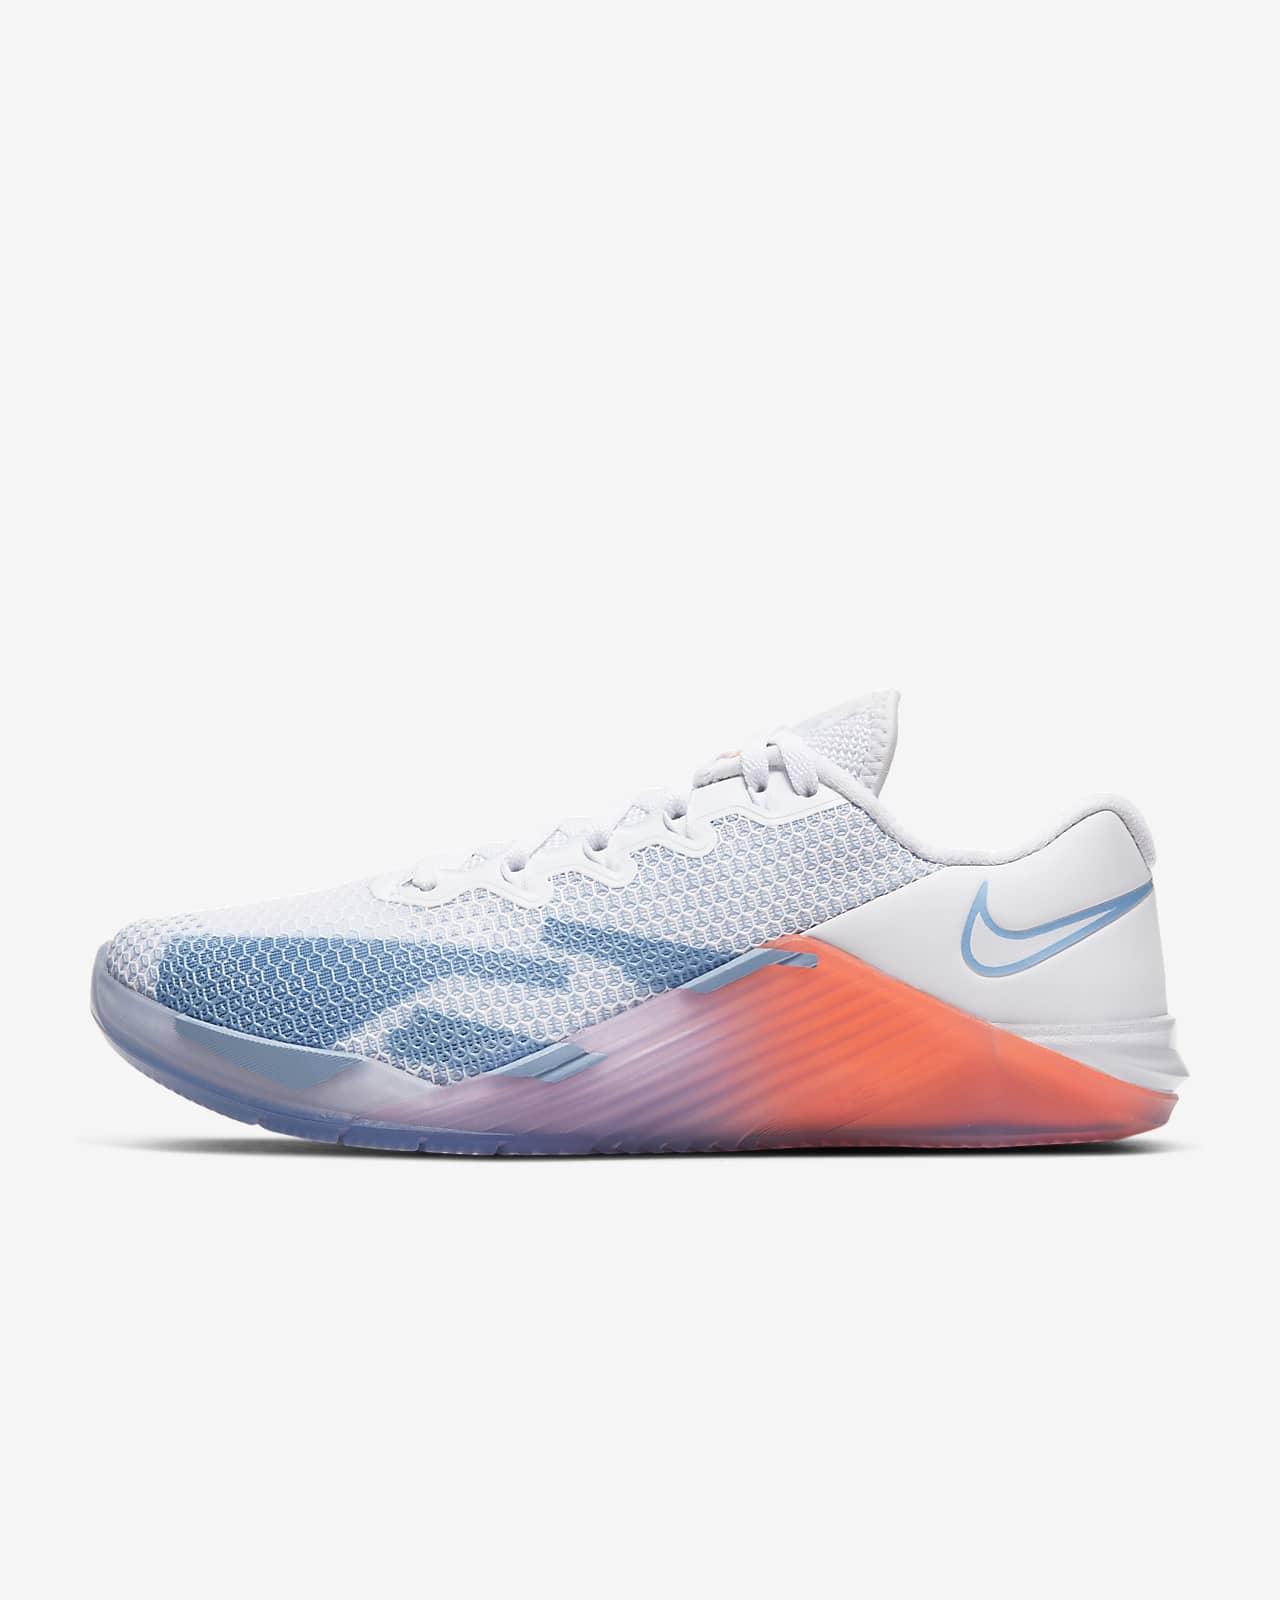 Nike Metcon 5 Premium Women's Training